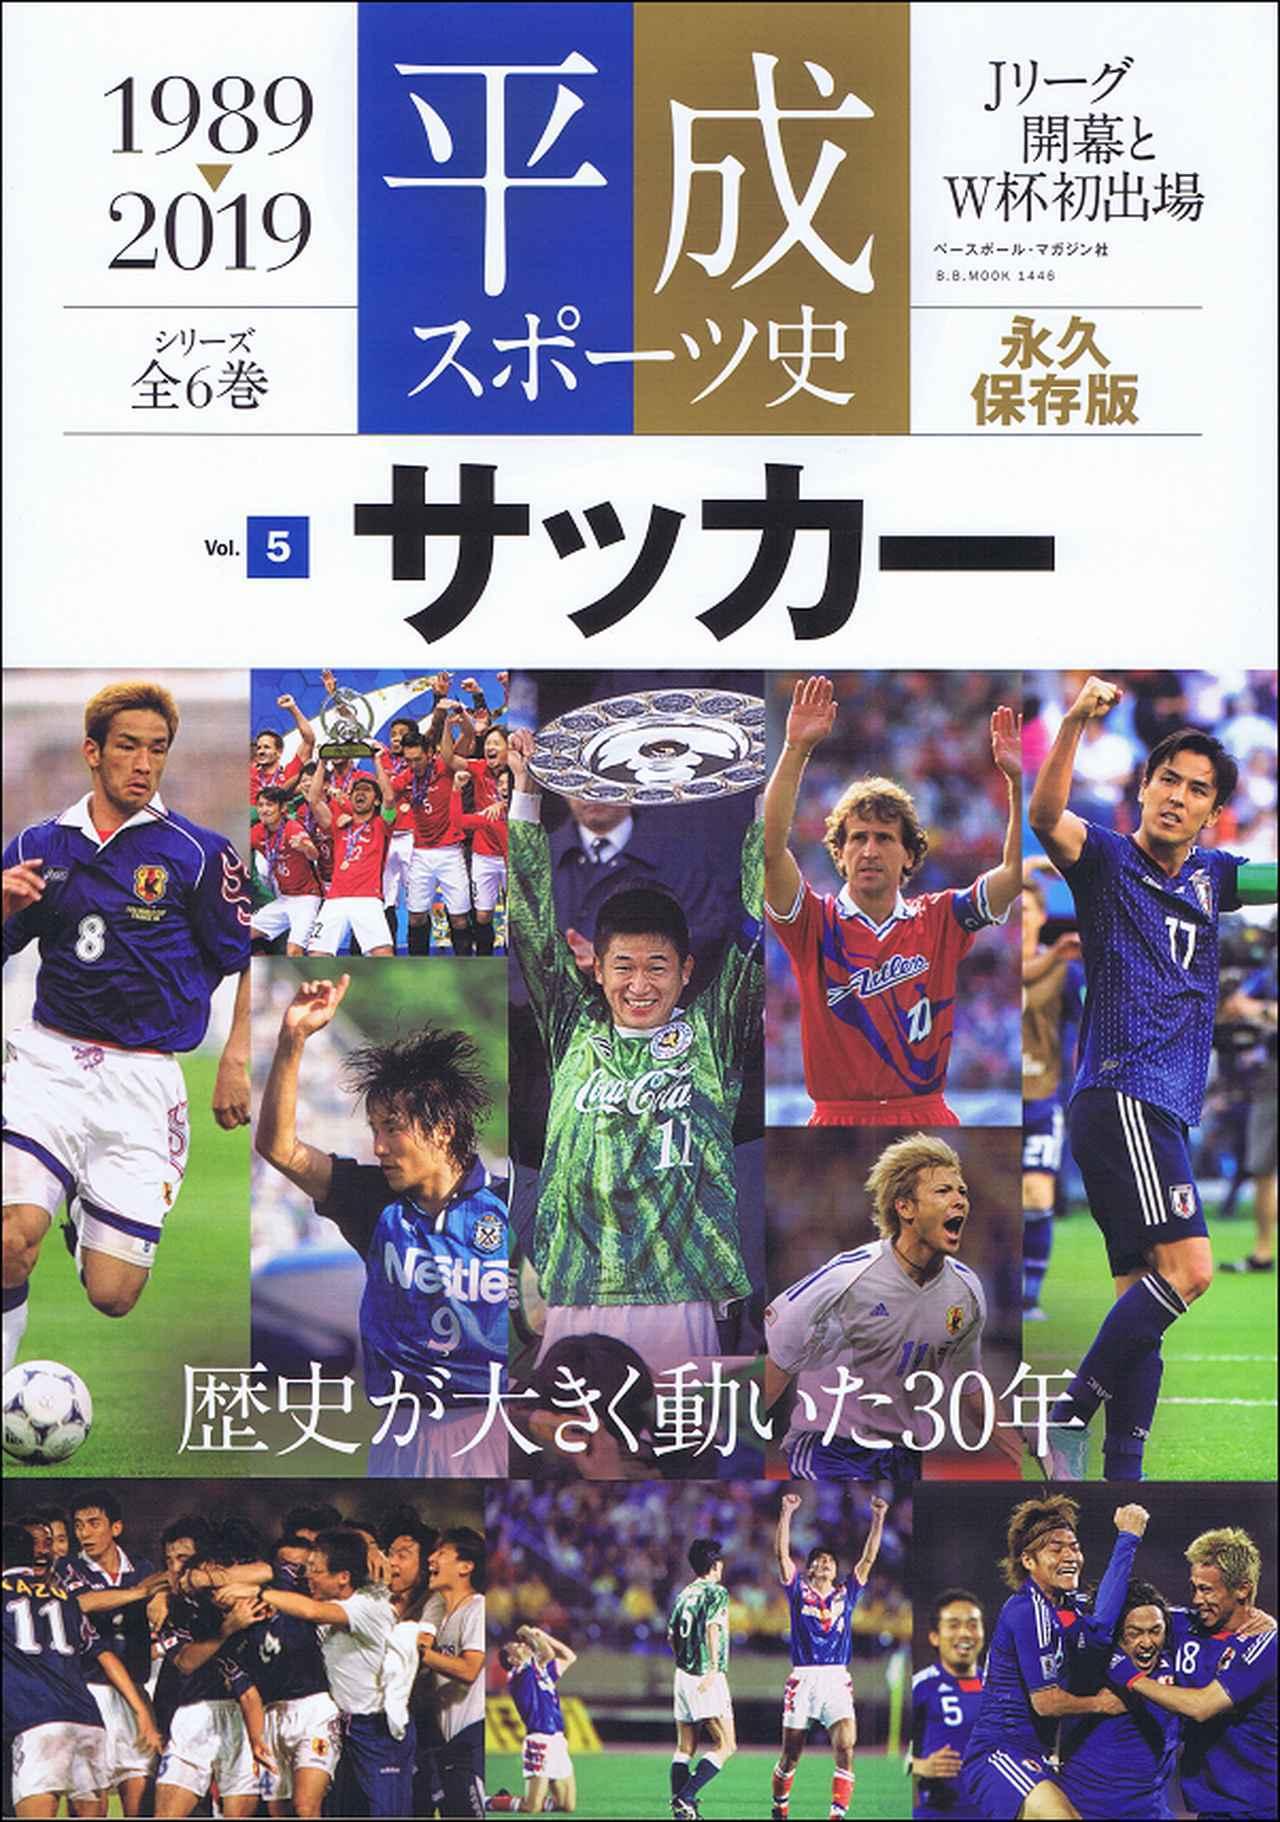 画像: 平成スポーツ史 1989-2019 Vol.5 サッカー 全6巻シリーズ(5)  B.B.MOOK 1446   BBMスポーツ   ベースボール・マガジン社